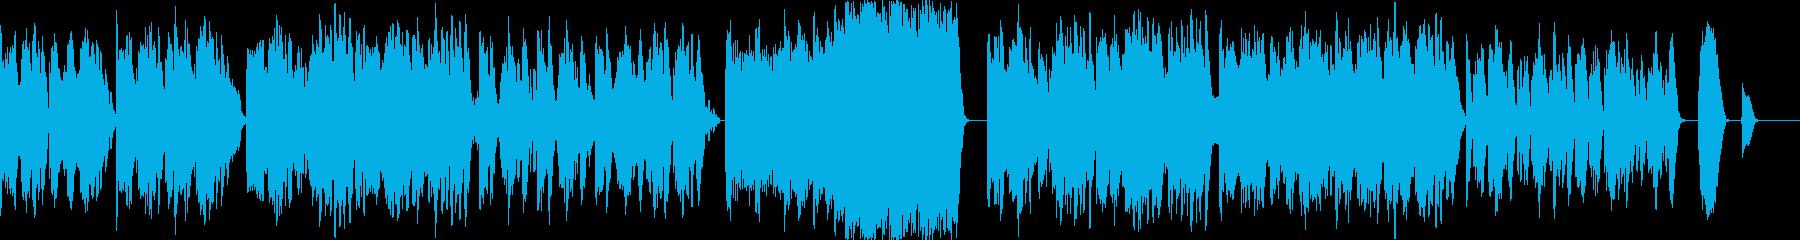 ピコピコ系なのに穏やかで優しい曲の再生済みの波形